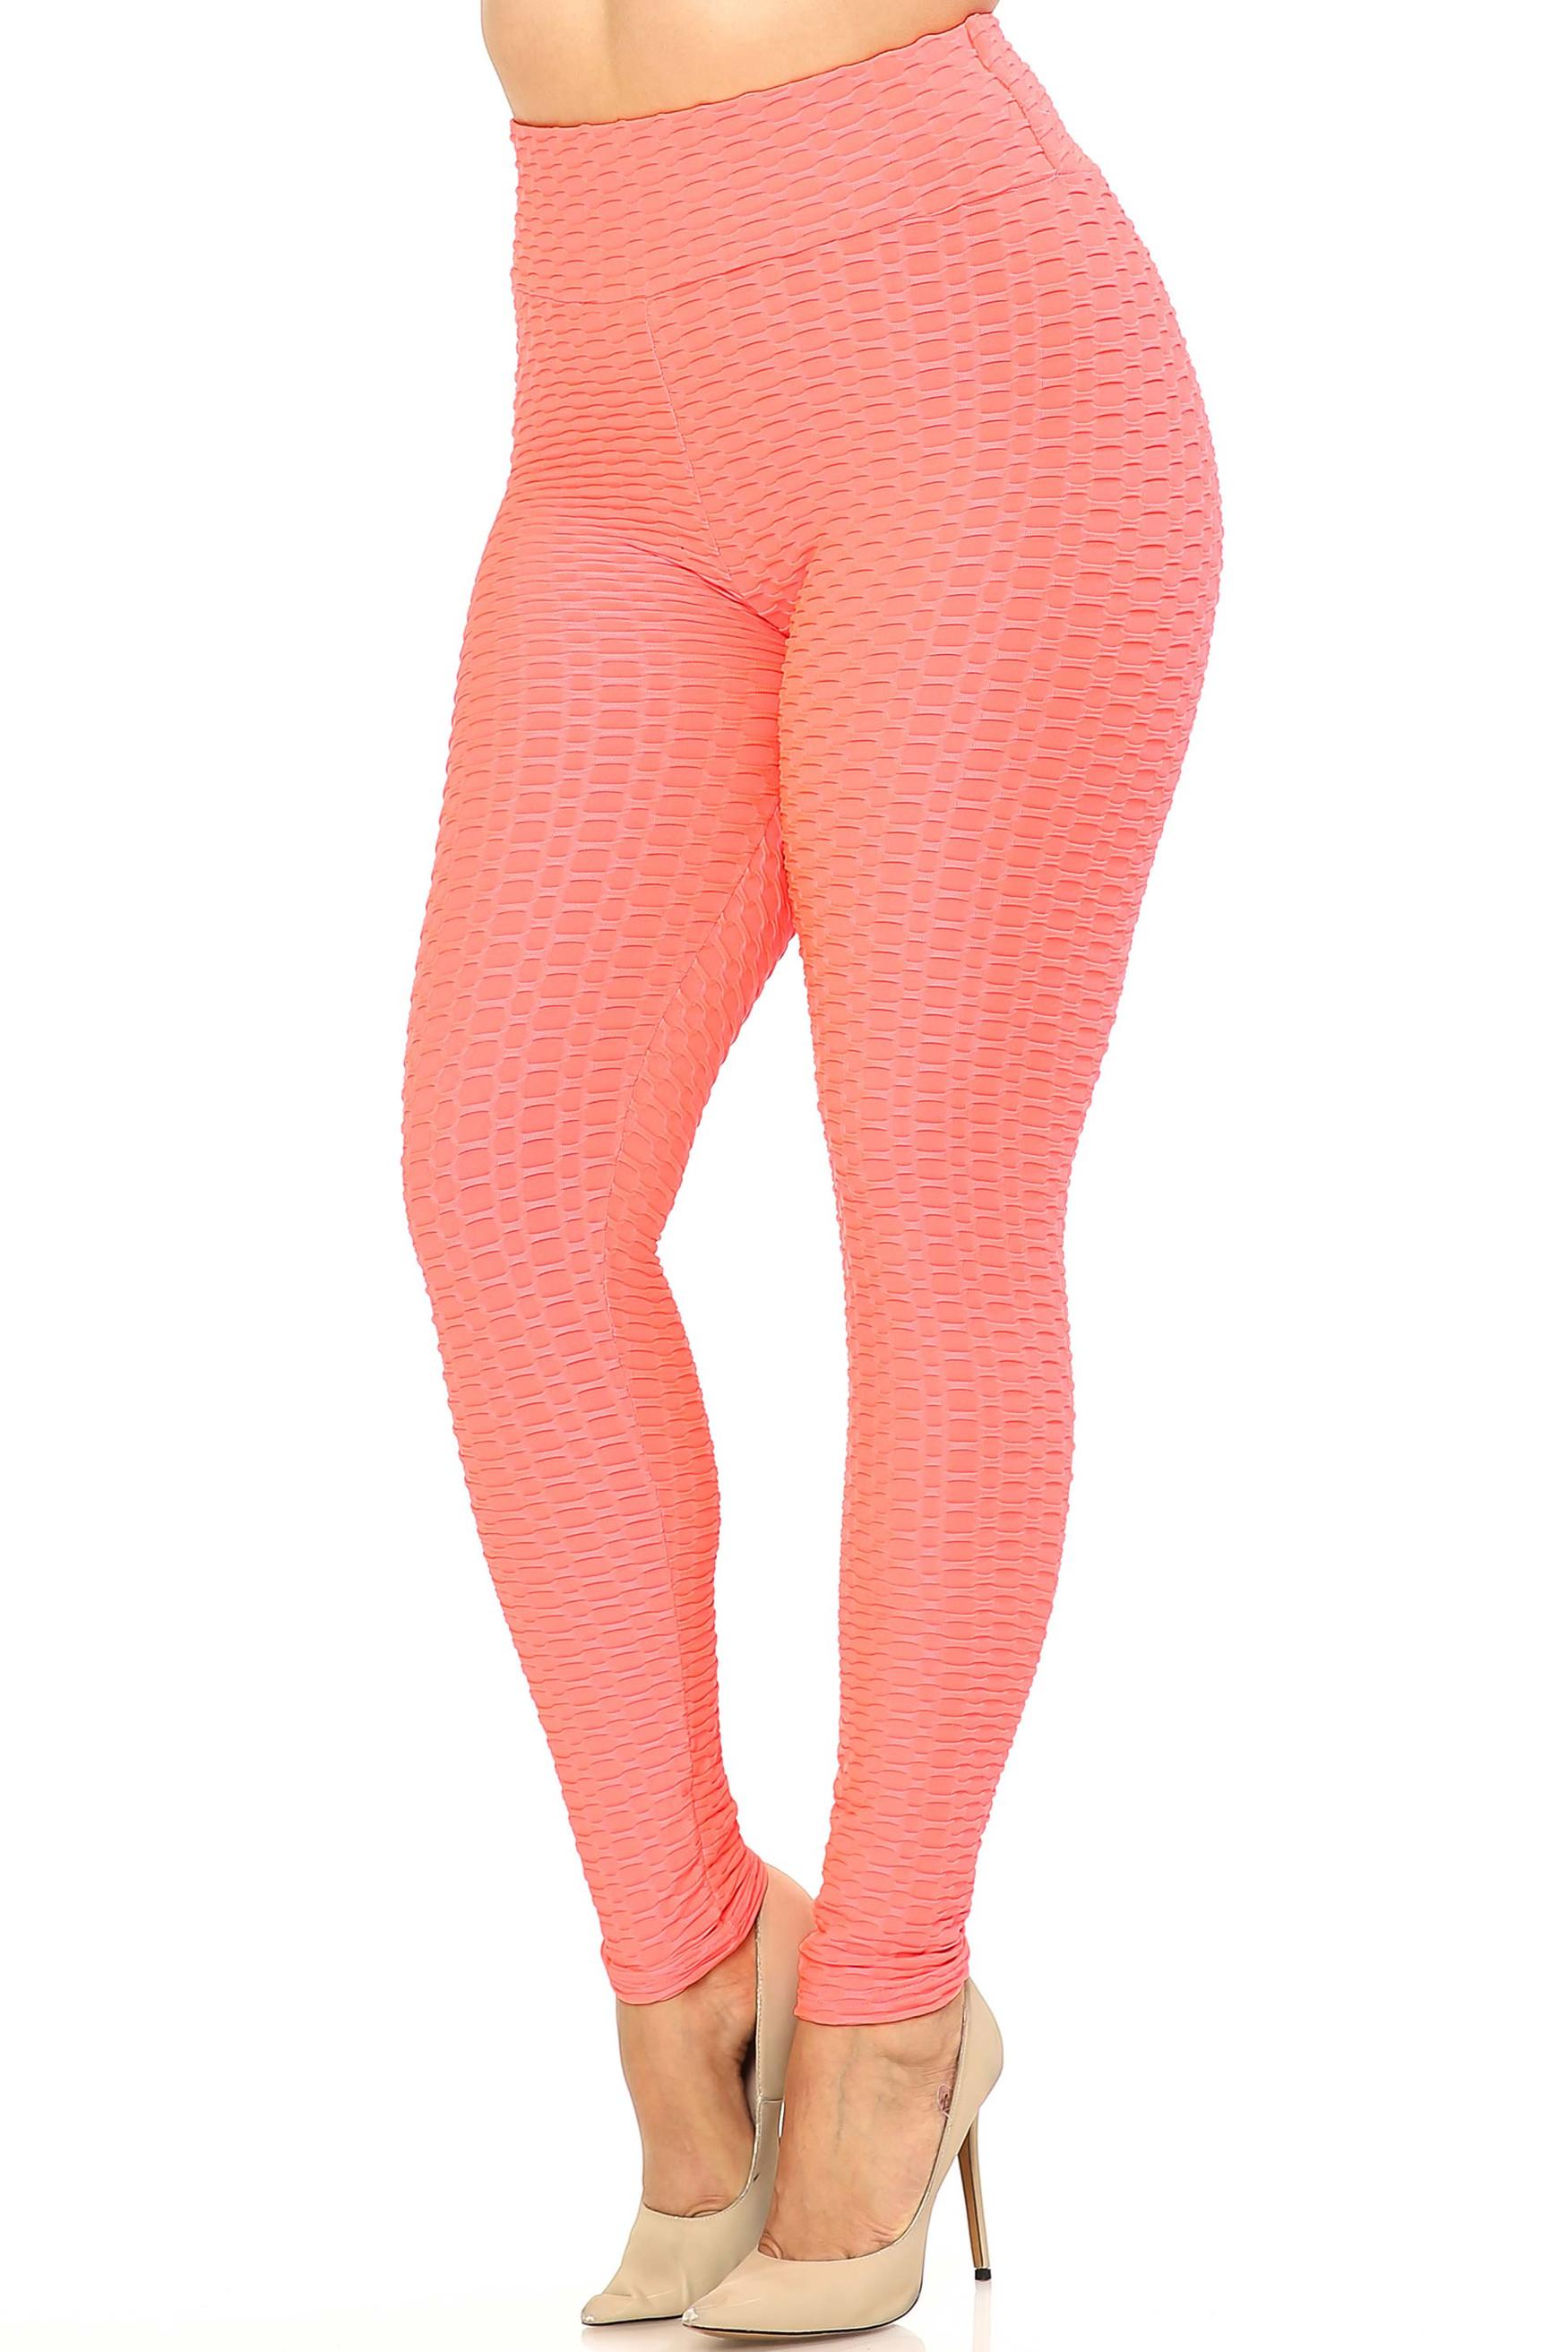 Scrunch Butt Textured High Waisted Plus Size LeggingsScrunch Butt Textured High Waisted Plus Size Leggings